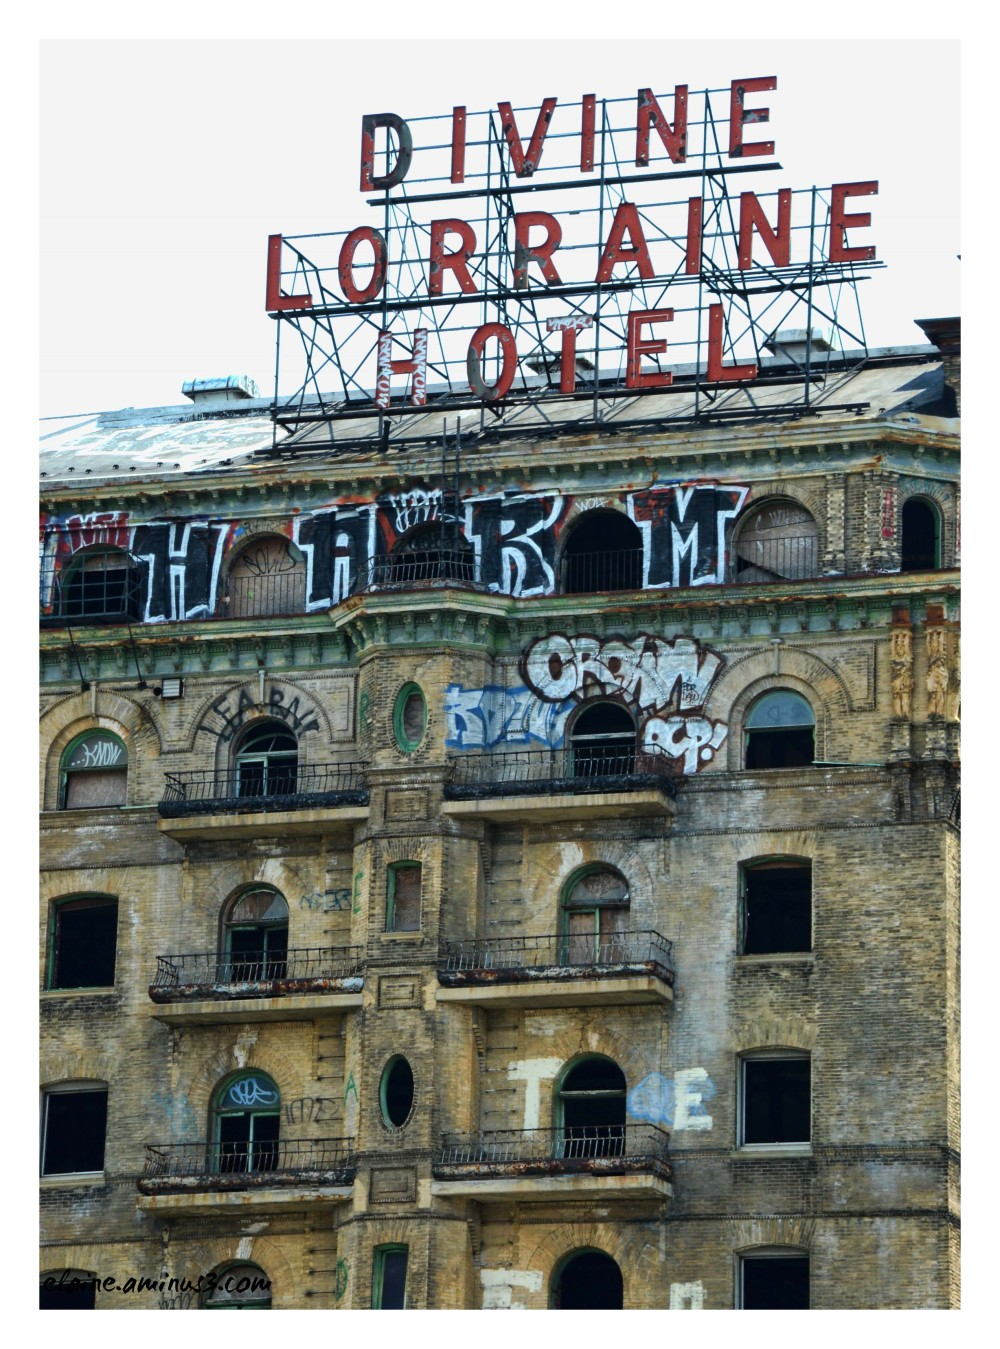 lorraine hotel